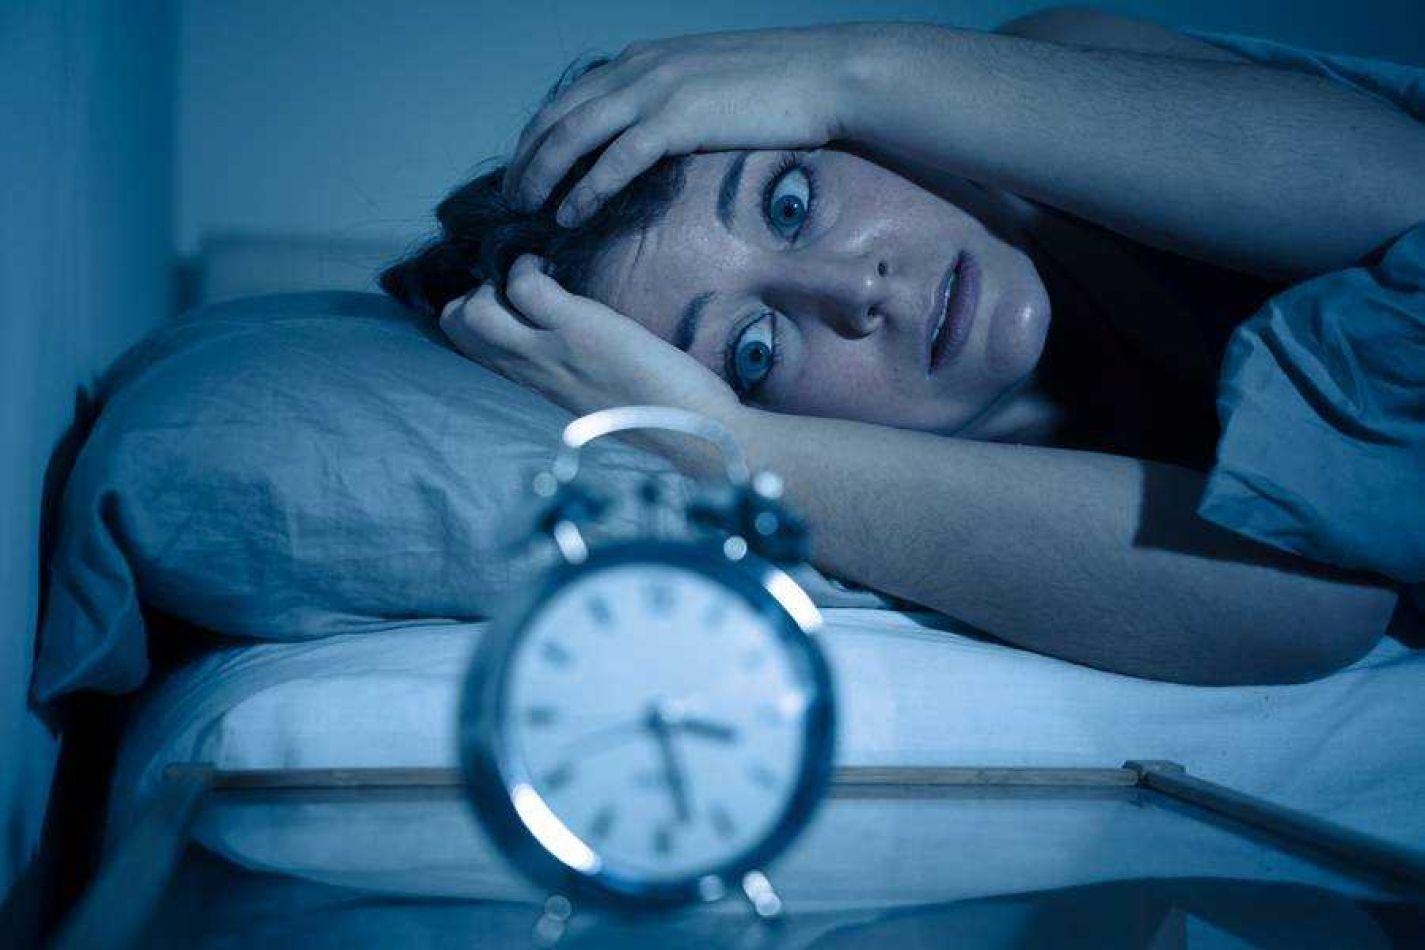 El insomnio está relacionado a los ataques cardíacos y los ACV